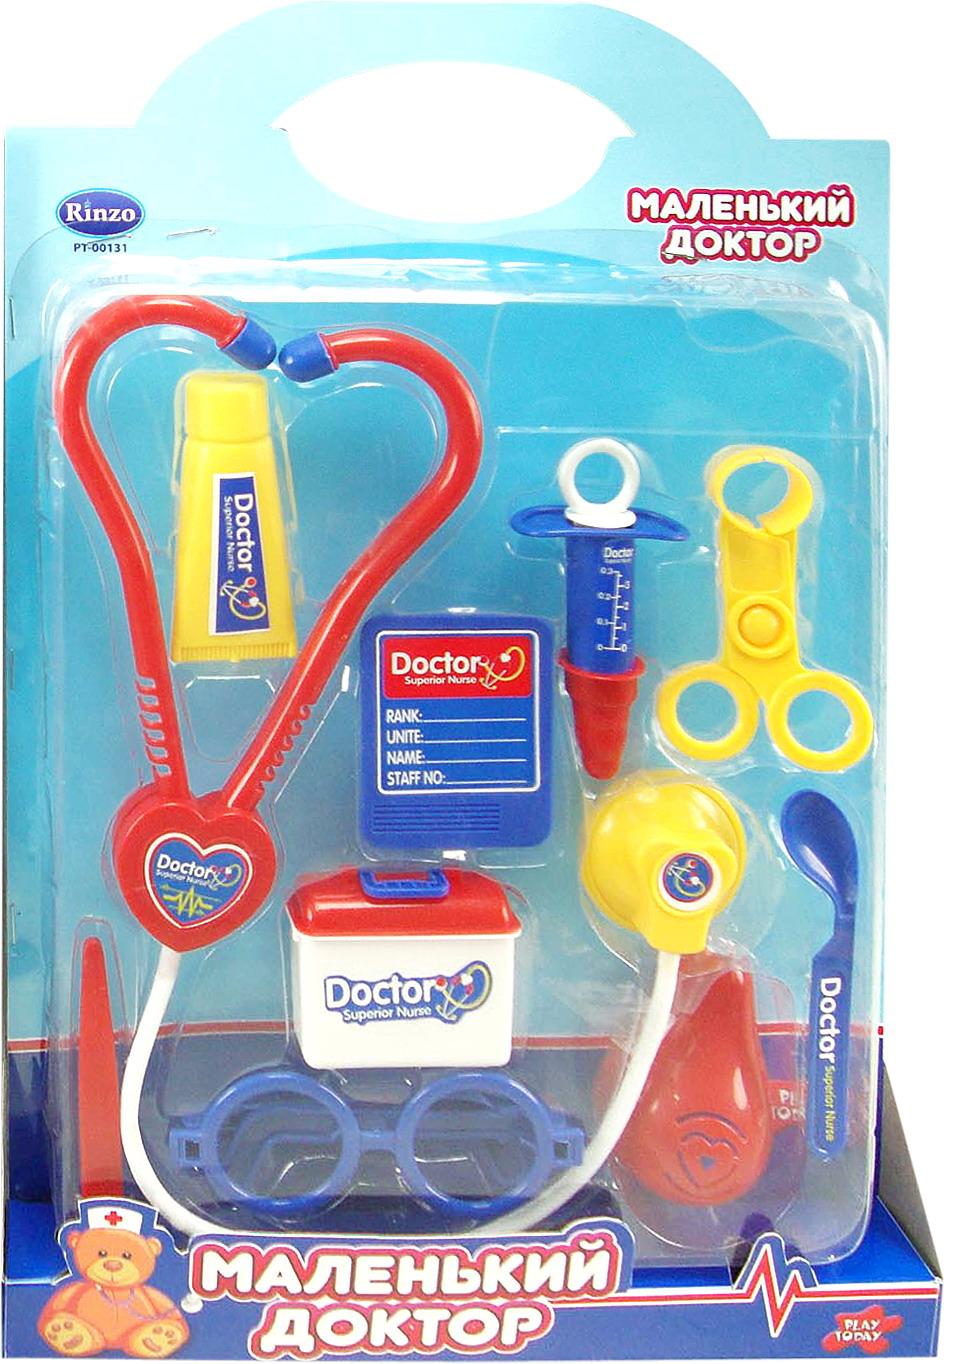 Игровой набор доктора на 10 предметов серии Маленький докторНаборы доктора детские<br>Игровой набор доктора на 10 предметов серии Маленький доктор<br>